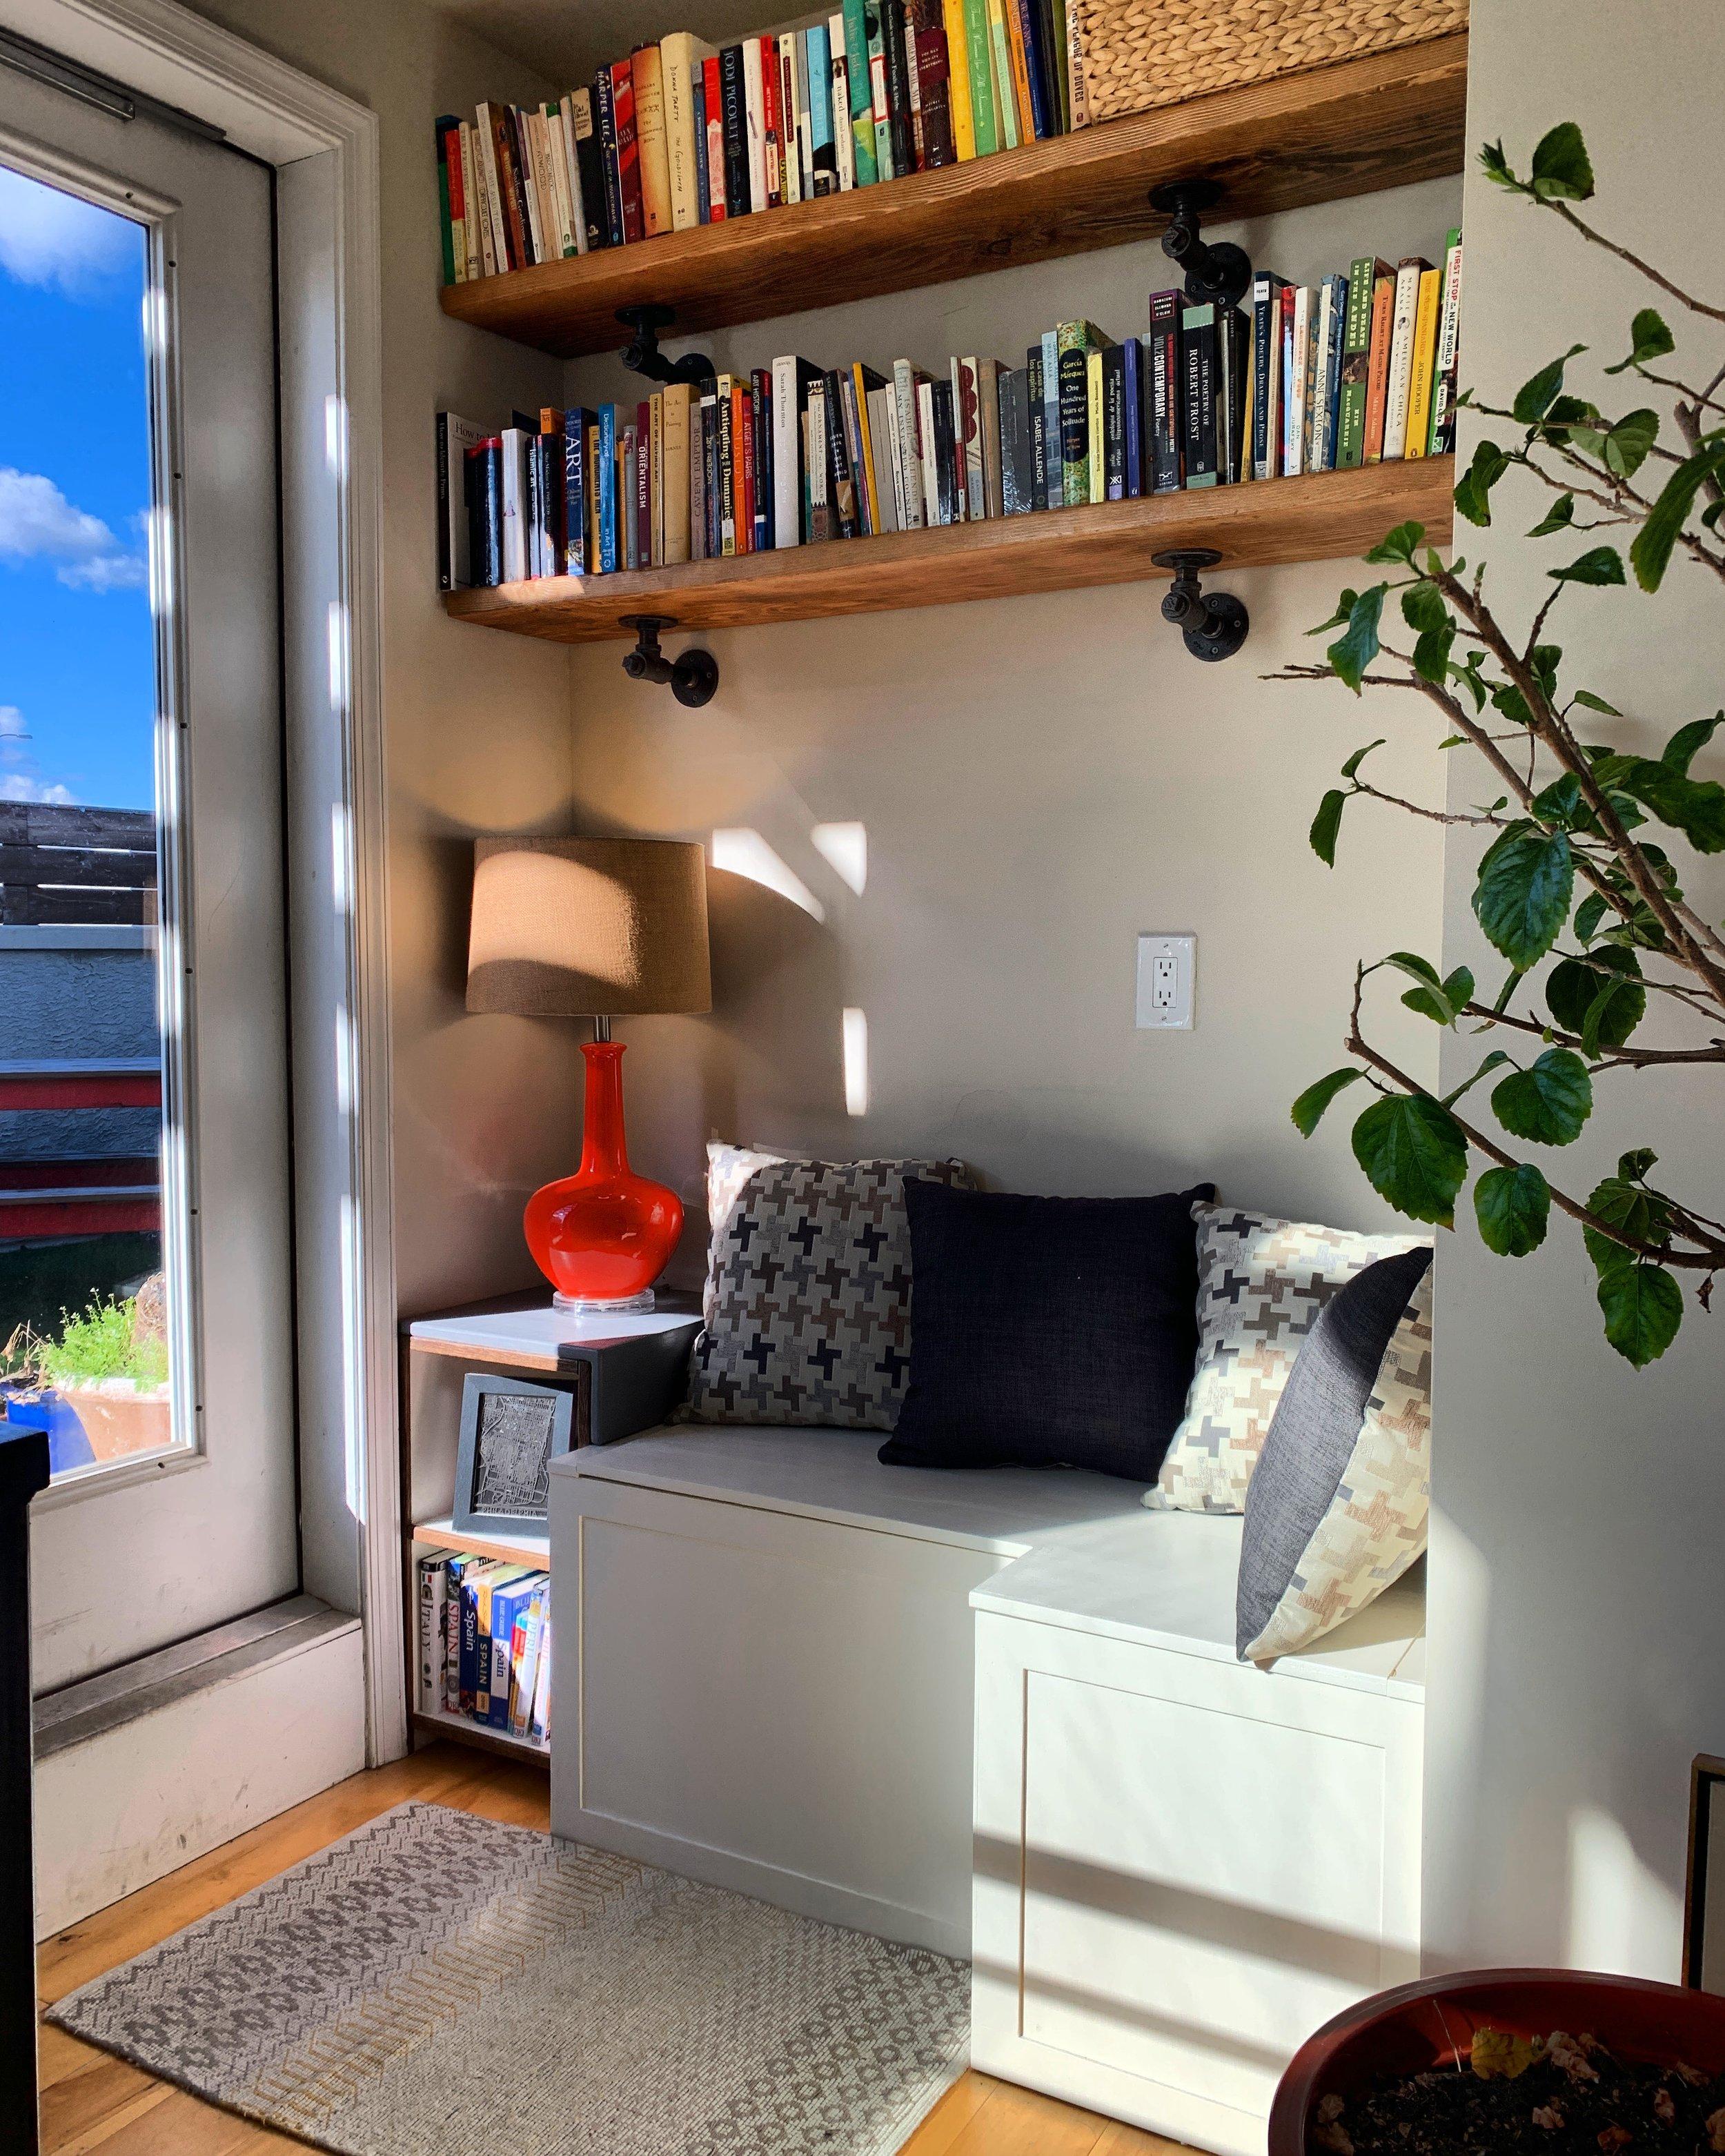 - Shelves